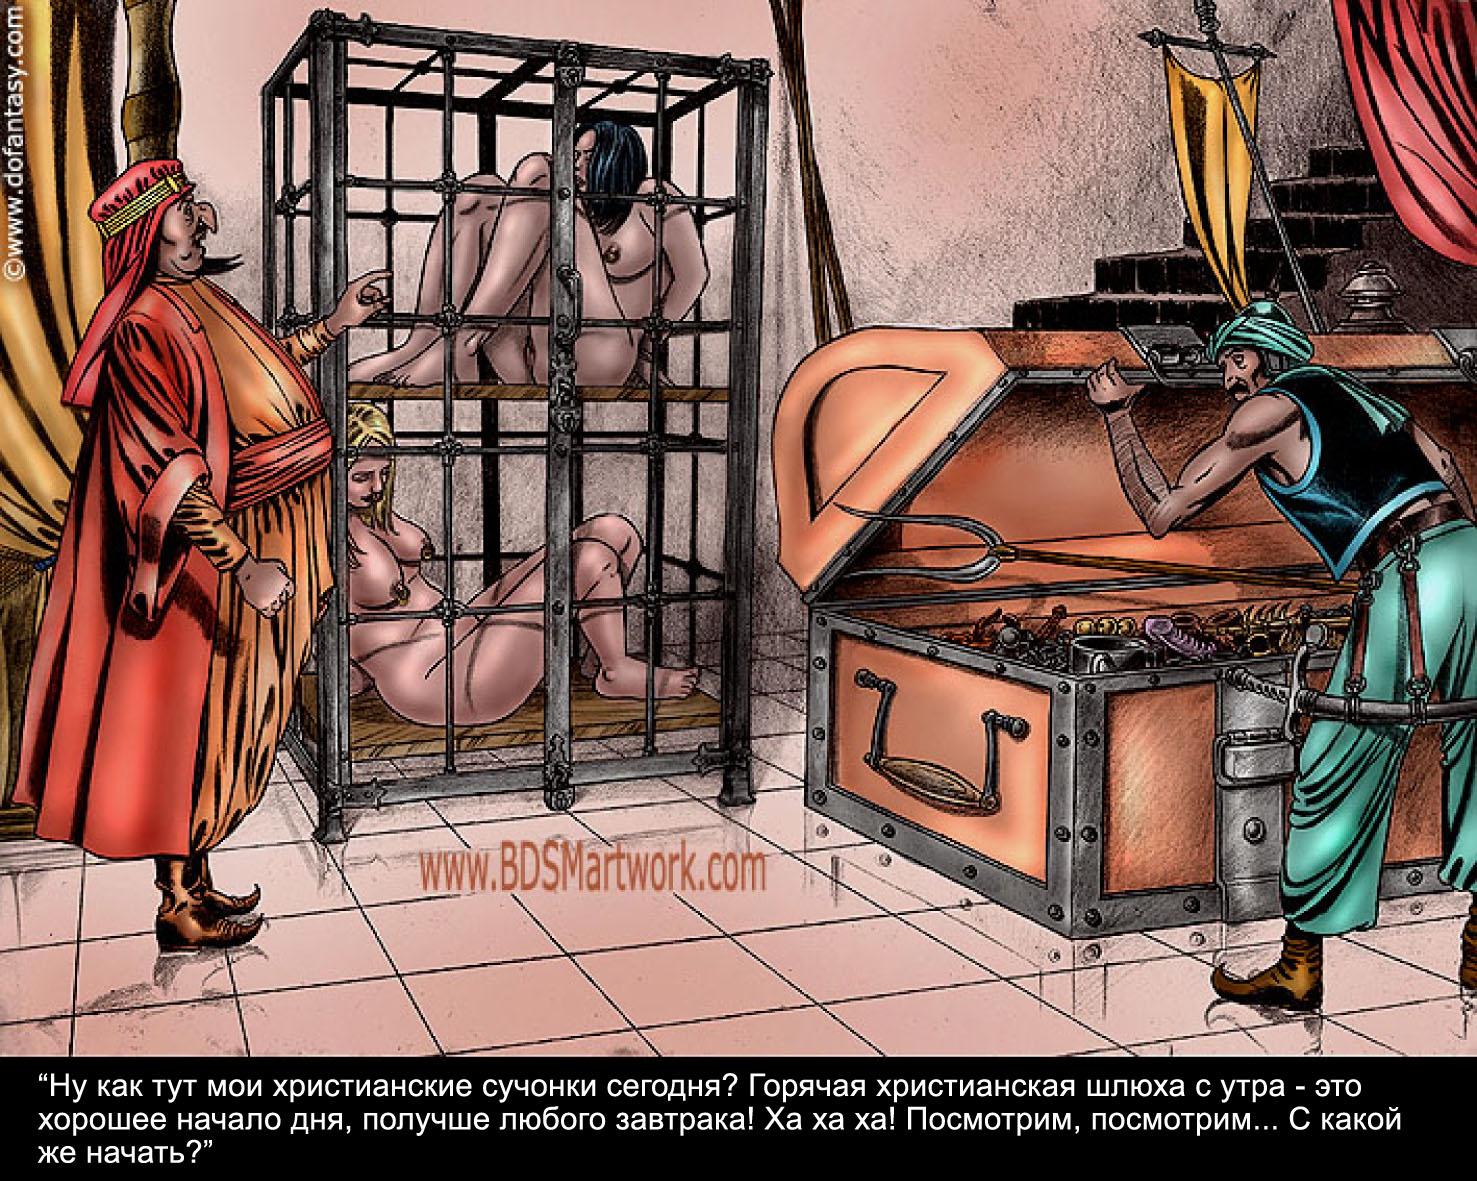 Рабыни занзибара комикс 20 фотография